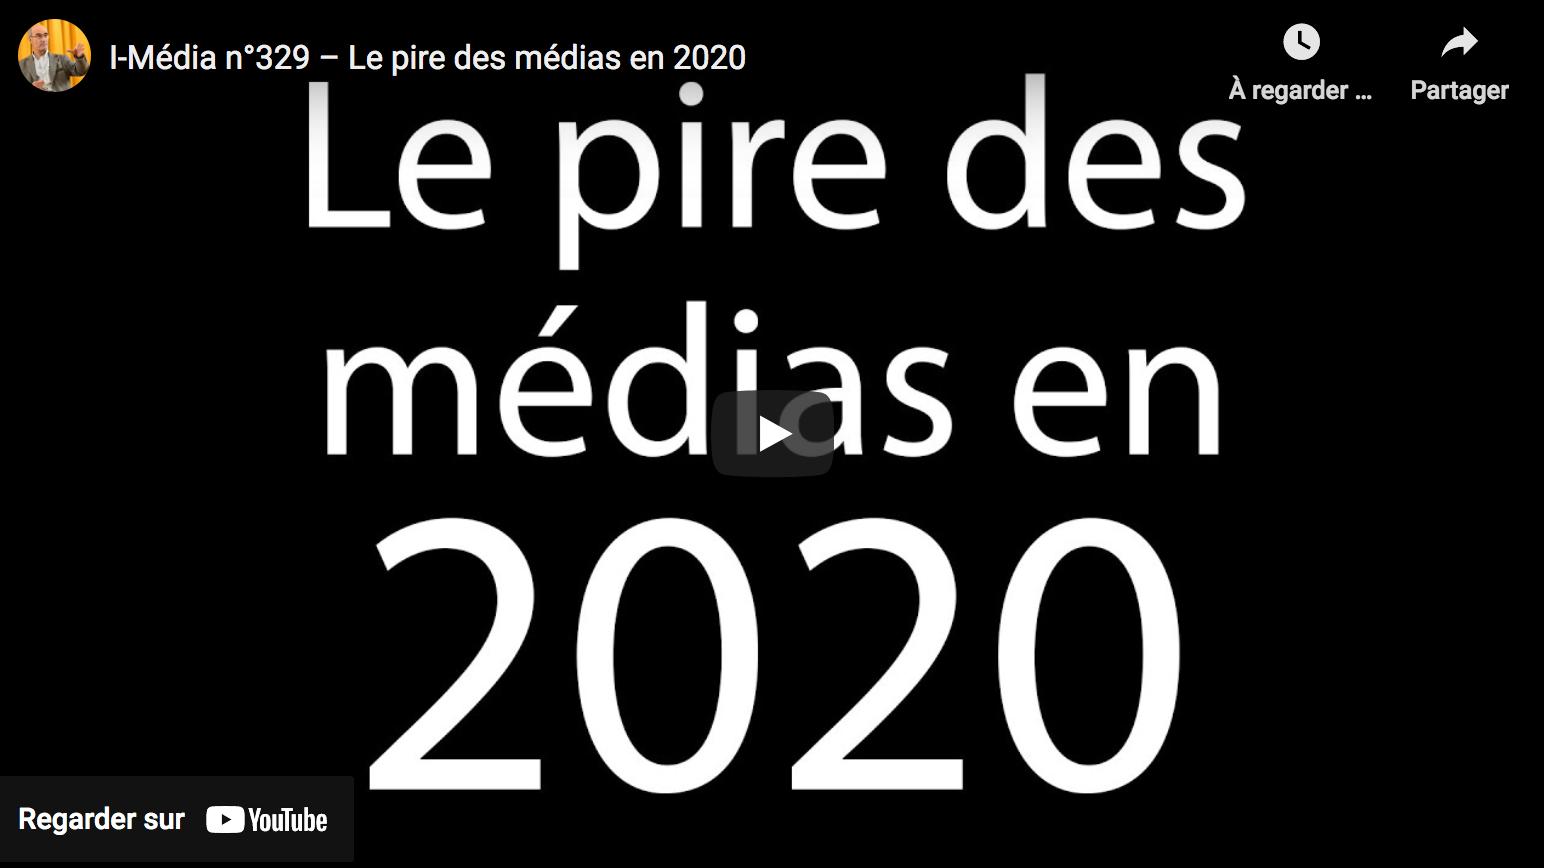 I-Média n°329 : Le pire des médias en 2020